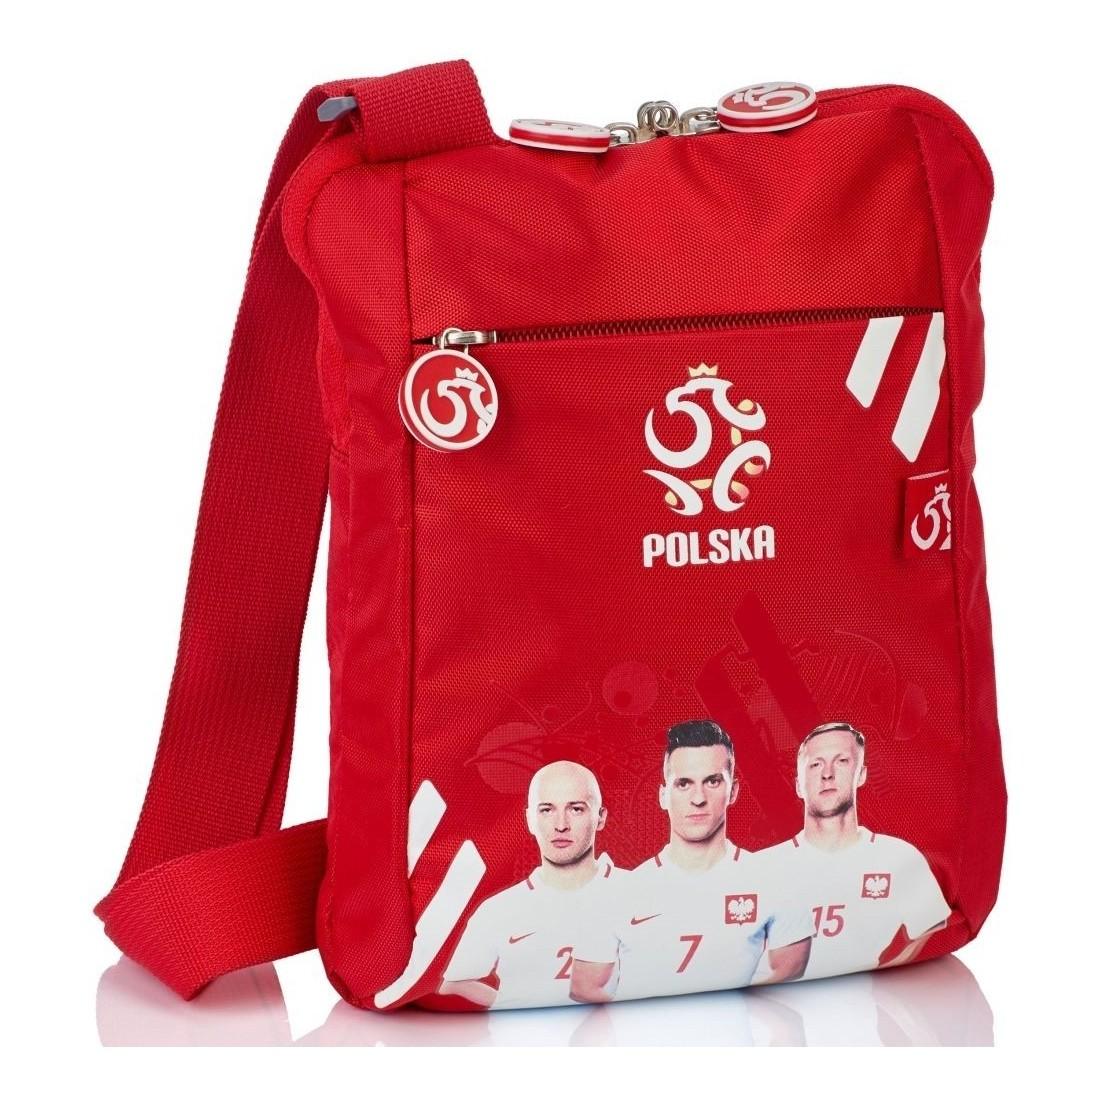 Mała torebka na ramię REPREZENTACJA POLSKI PZPN Milik czerwona HIT 2018 - plecak-tornister.pl